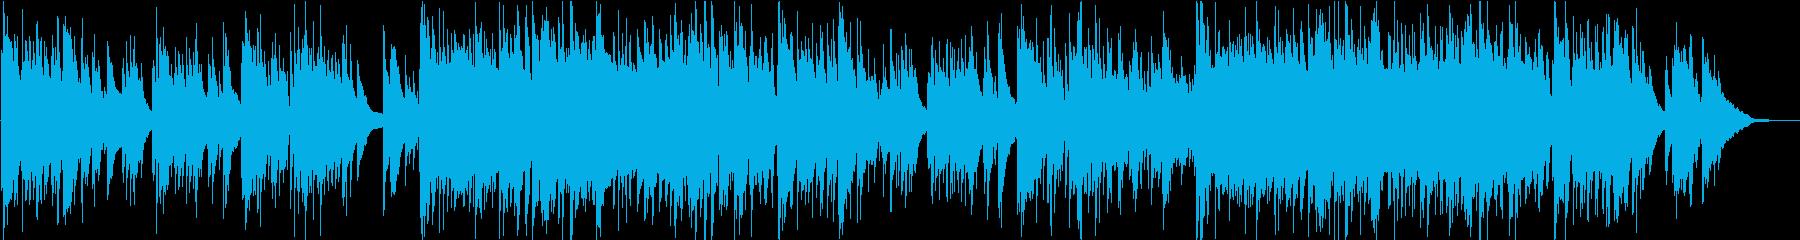 PV】泣ける!哀愁感漂うアコギバラードの再生済みの波形